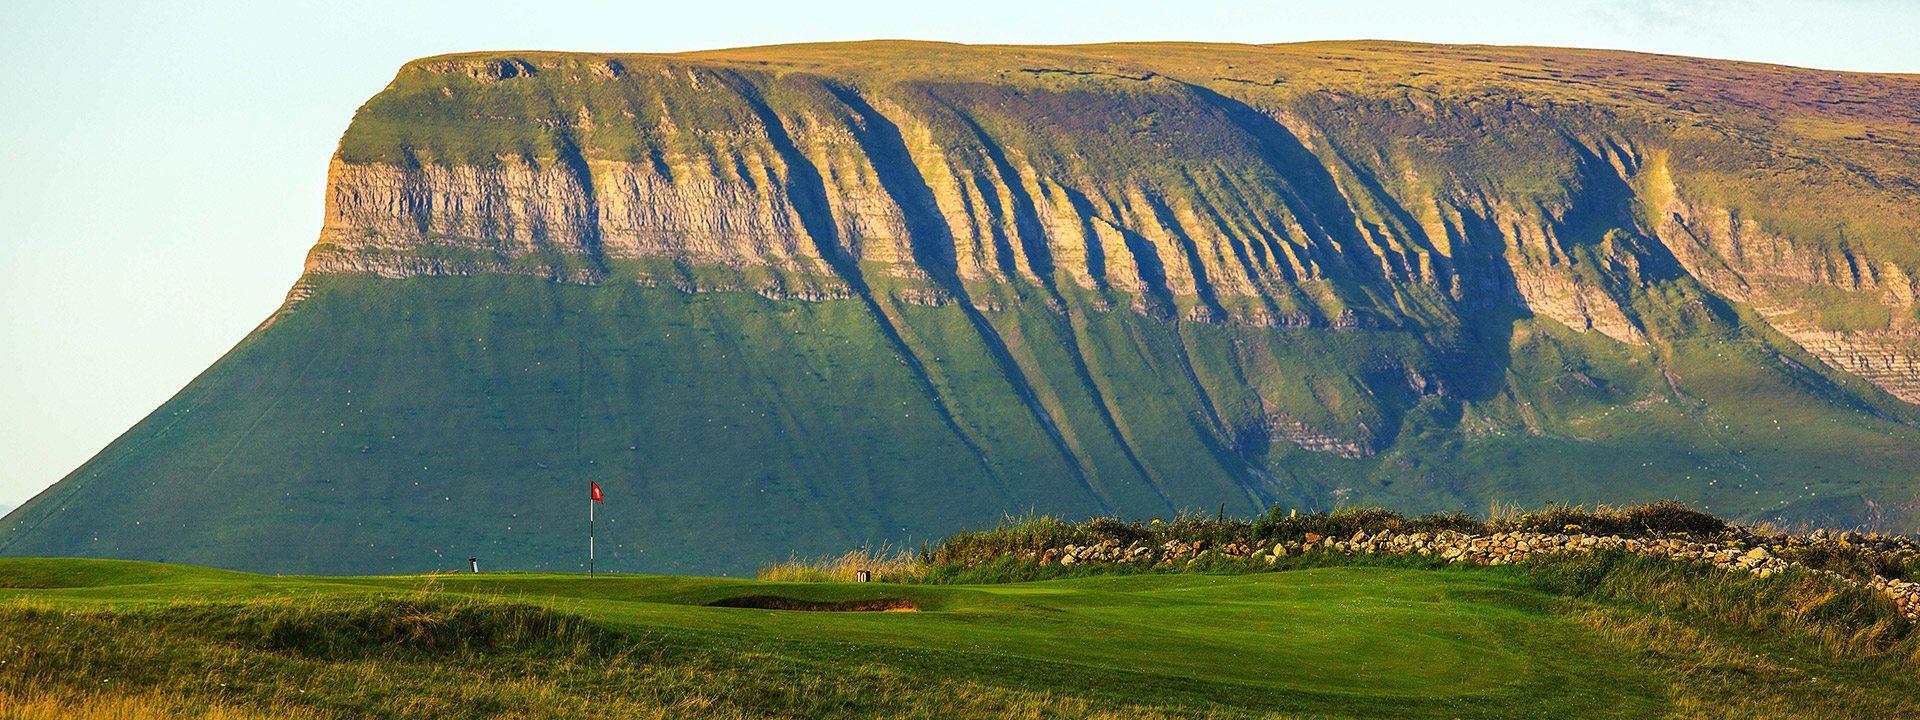 The County Sligo Golf Club (Rosses Point)